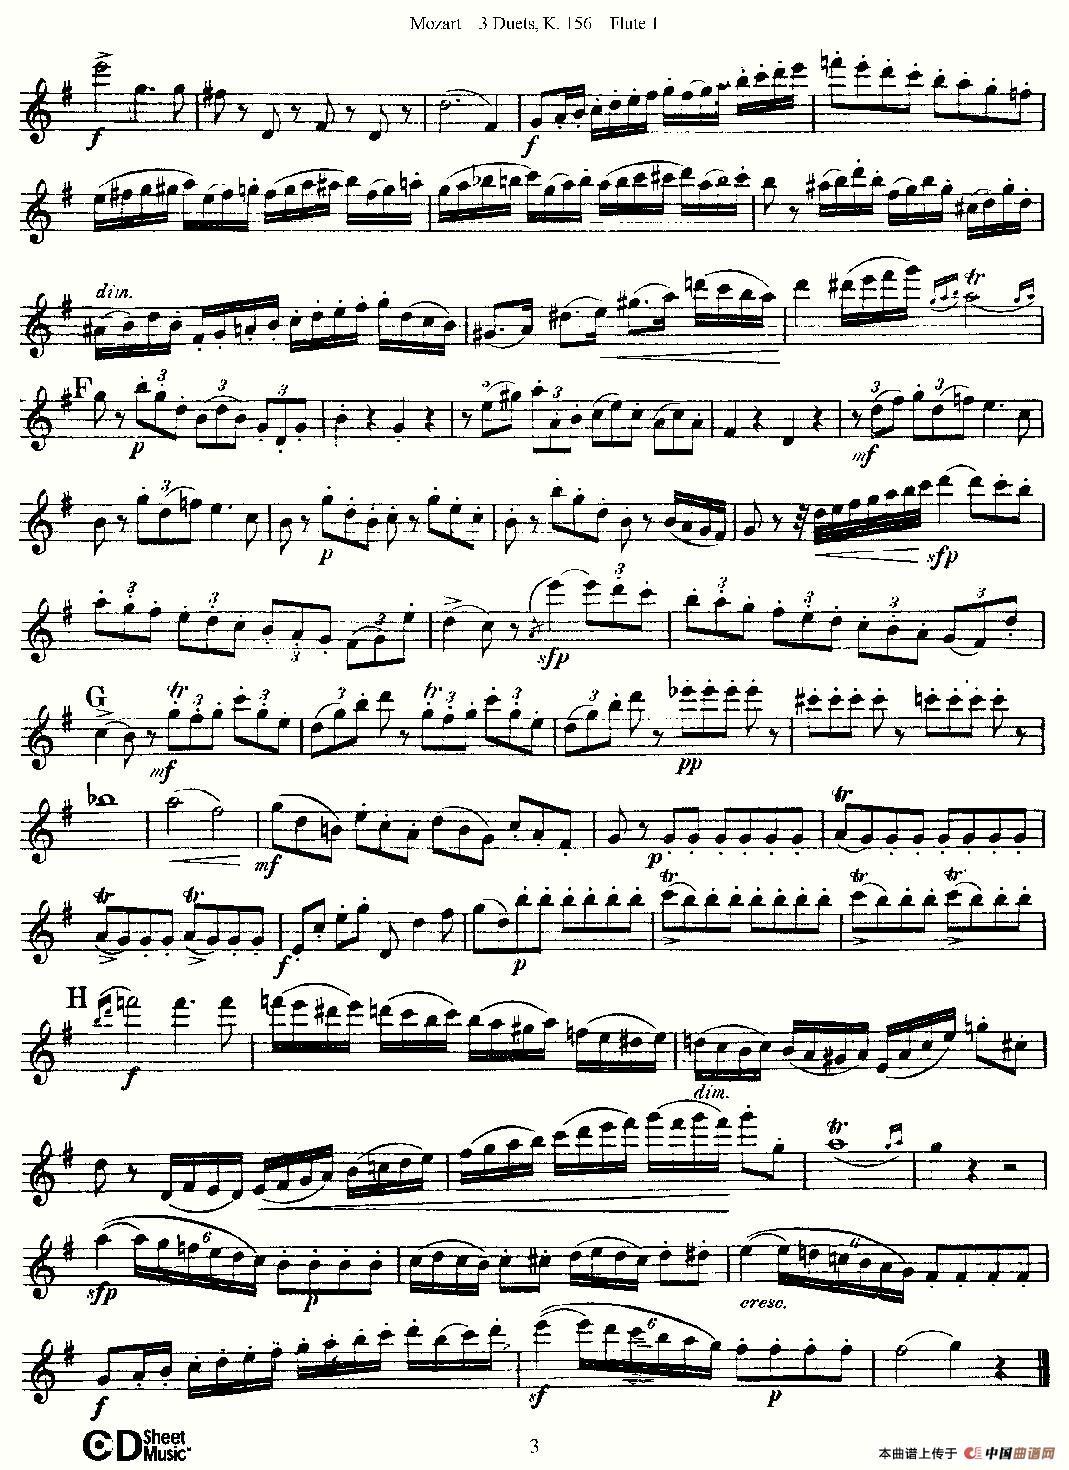 """156 之第一长笛 提示:在曲谱上按右键选择""""图片另存为"""",可以将曲谱图片"""